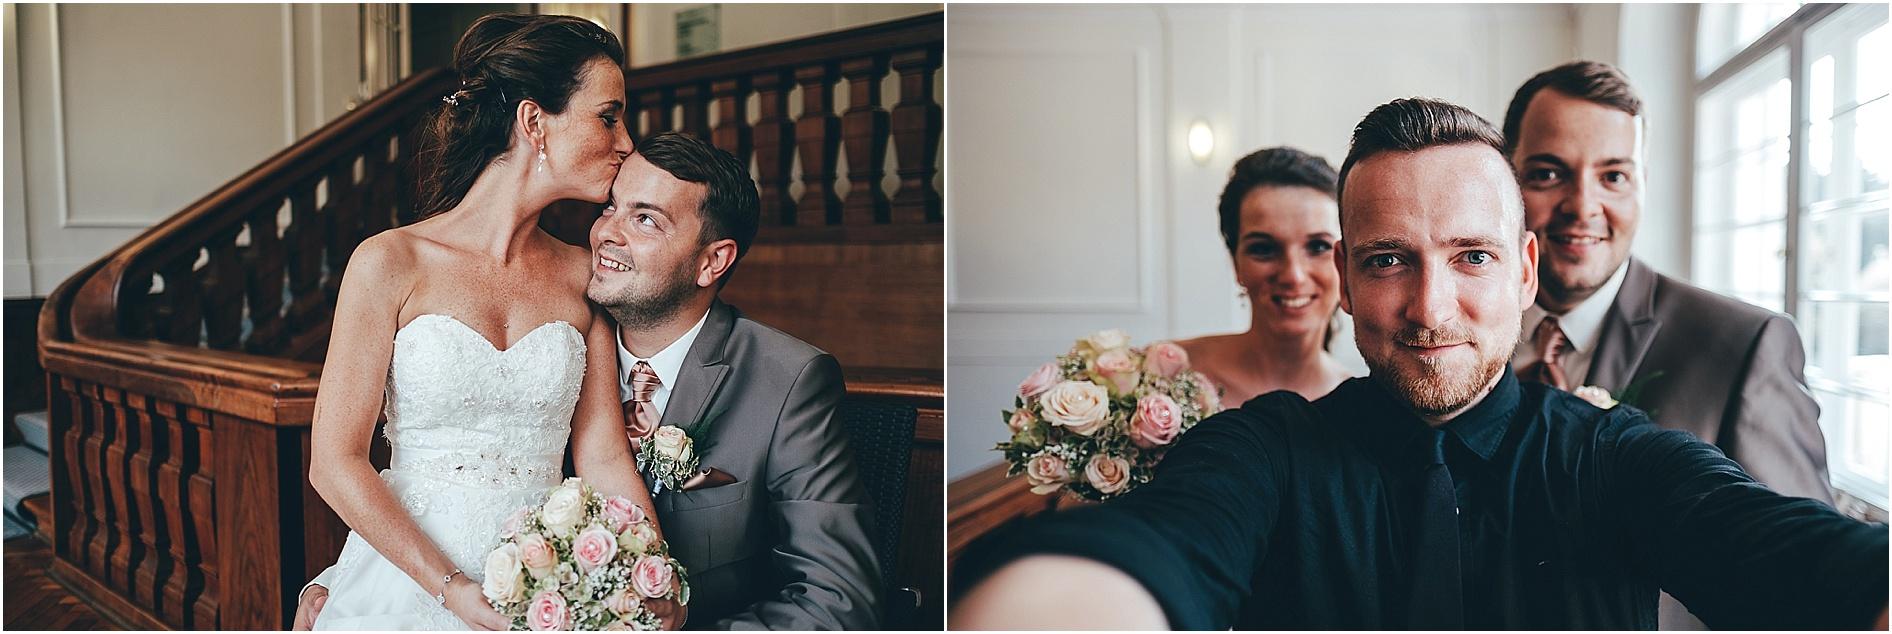 2017-01-17_0091 Sarah & Basti - Hochzeit auf Schloss Hasenwinkel